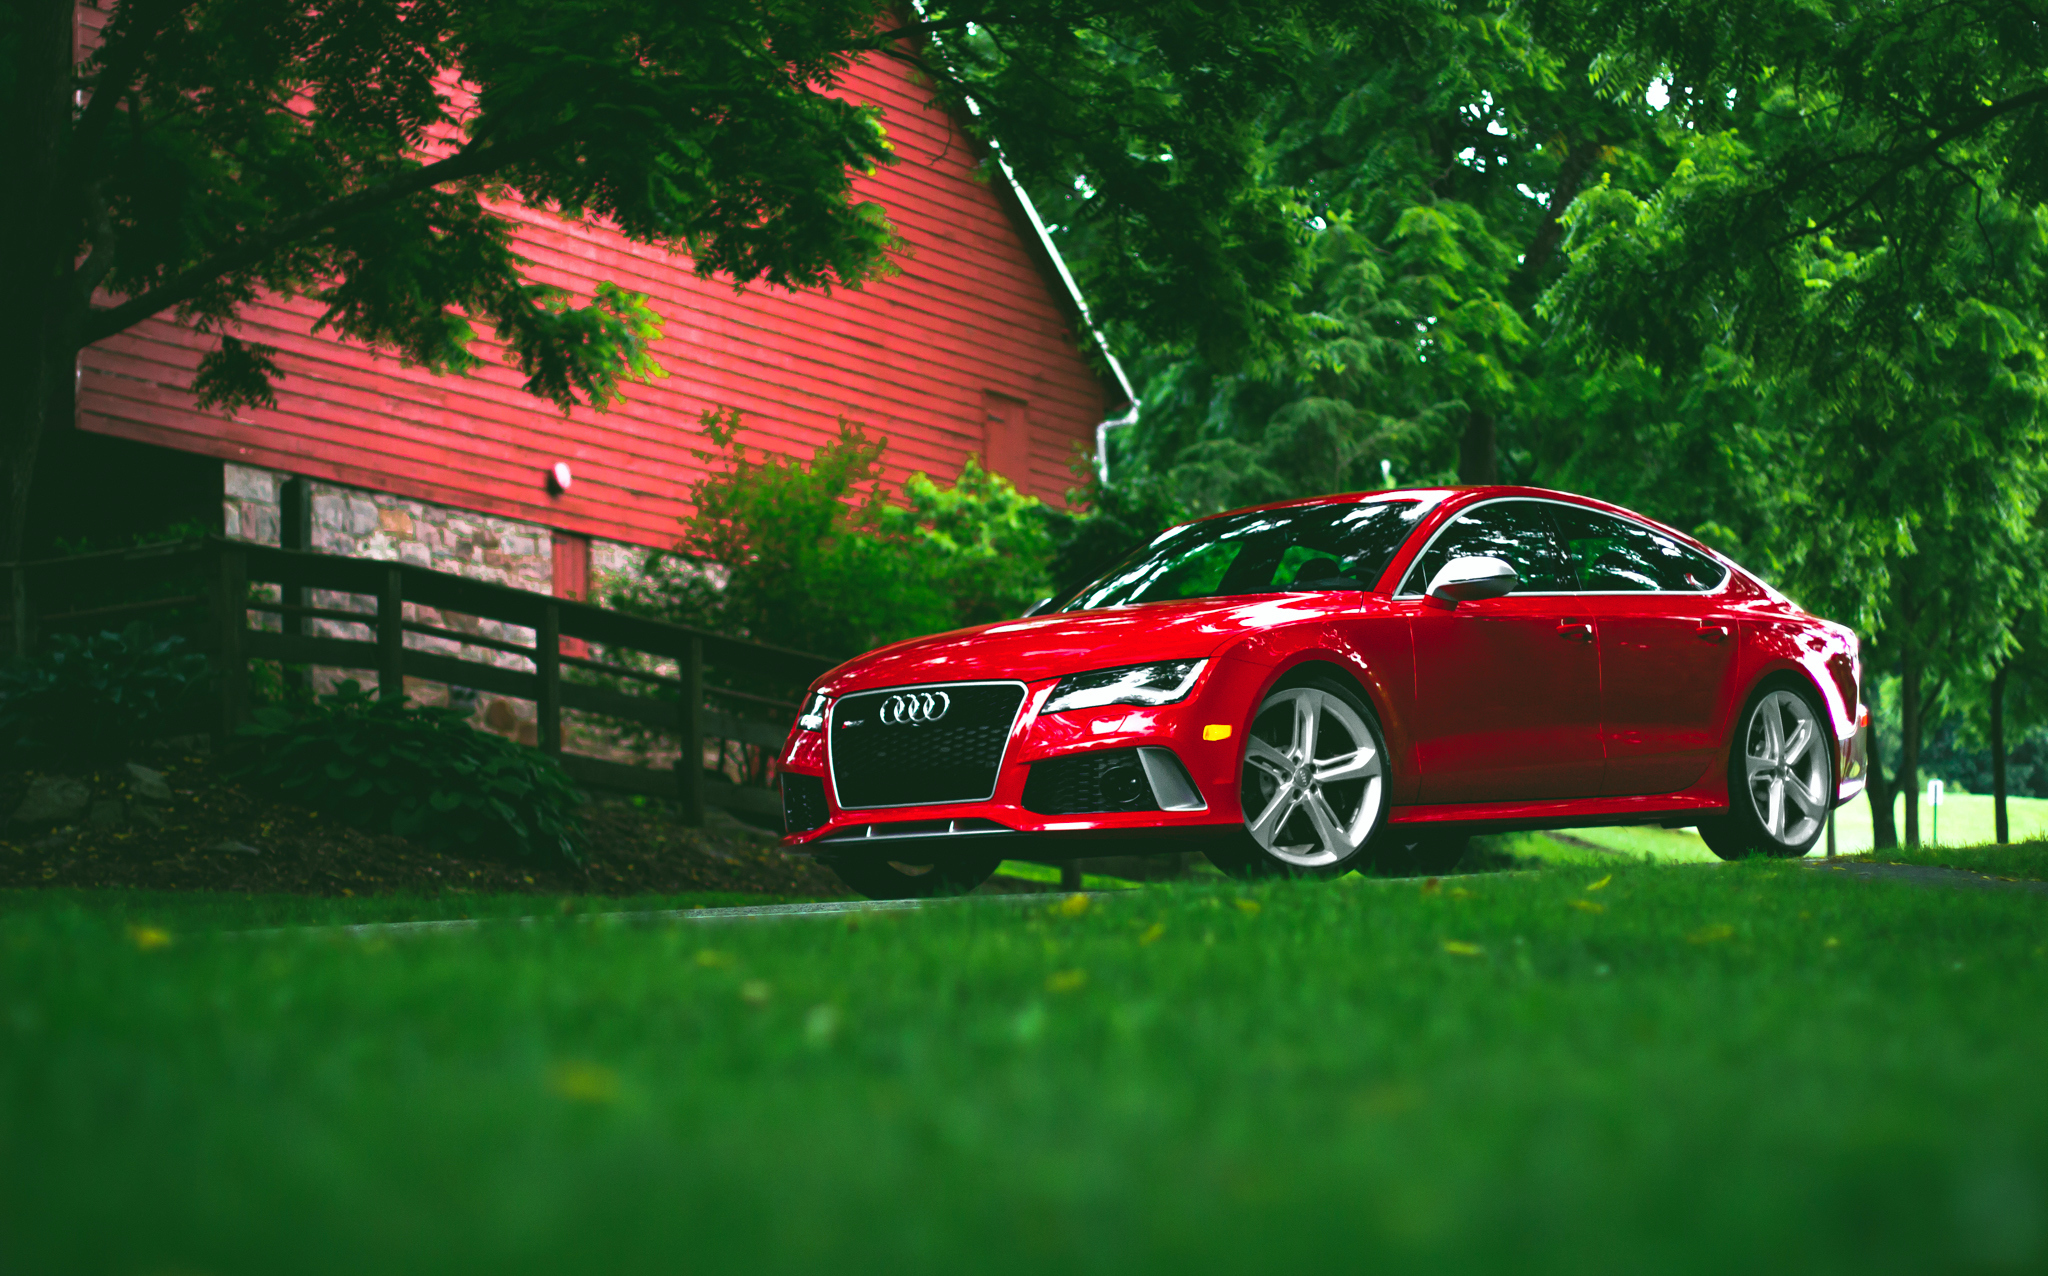 86693 скачать обои Трава, Ауди (Audi), Вид Сбоку, Тачки (Cars), Красный, Rs7 - заставки и картинки бесплатно